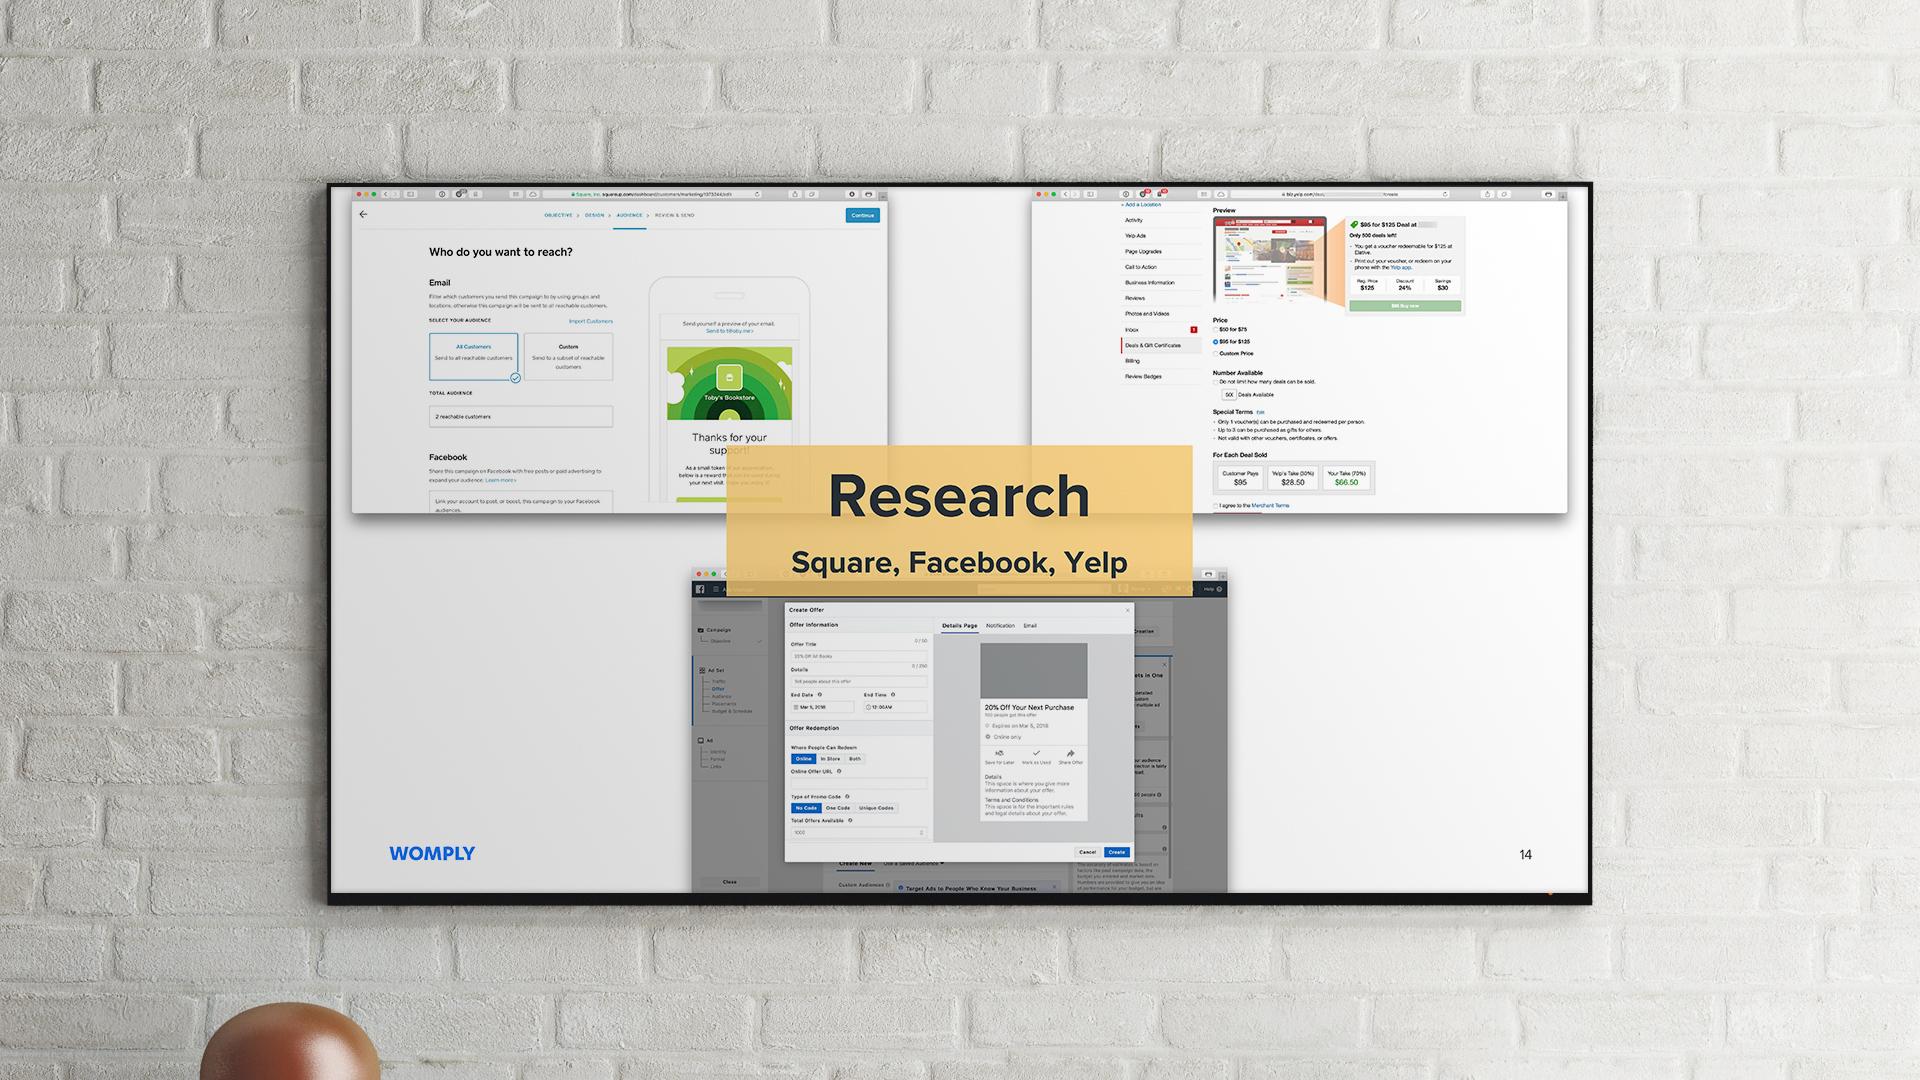 womply-digital-presentation-14.jpg